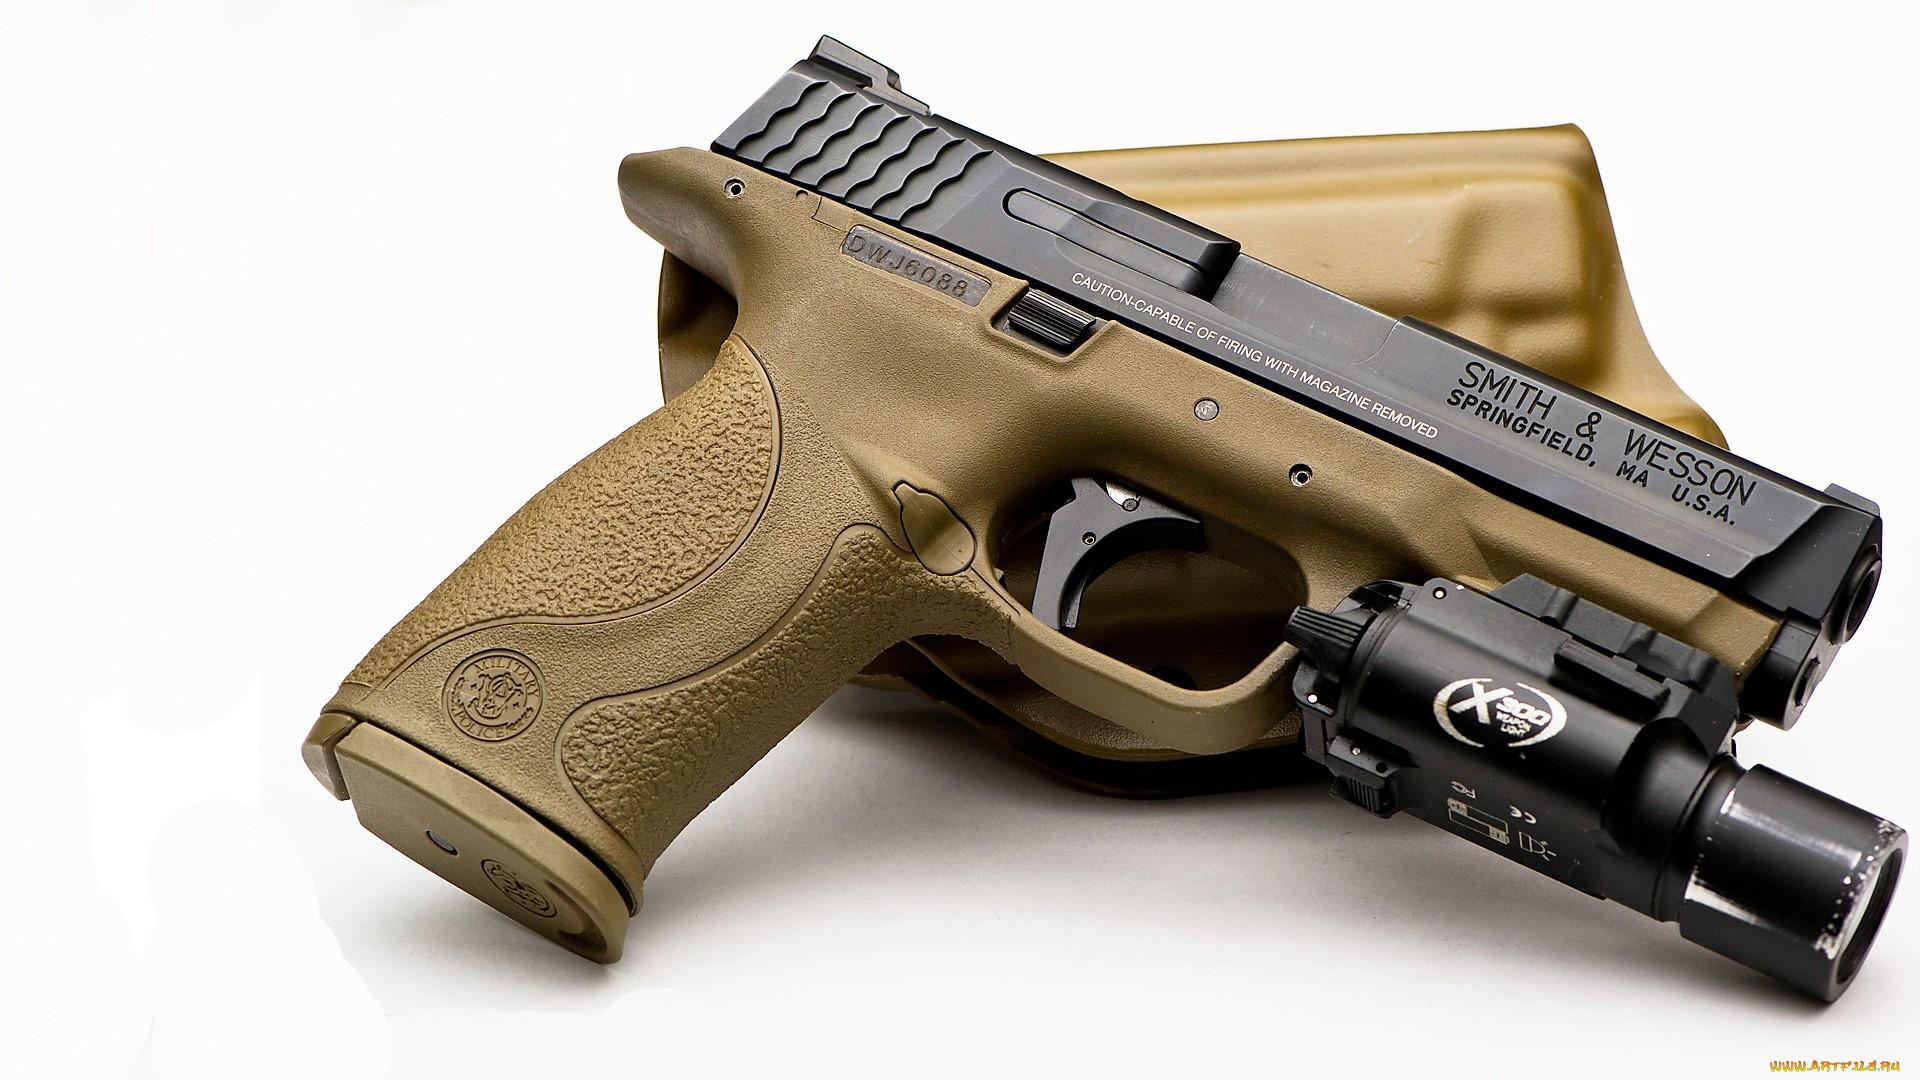 оружие, пистолеты, пистолет, прицел